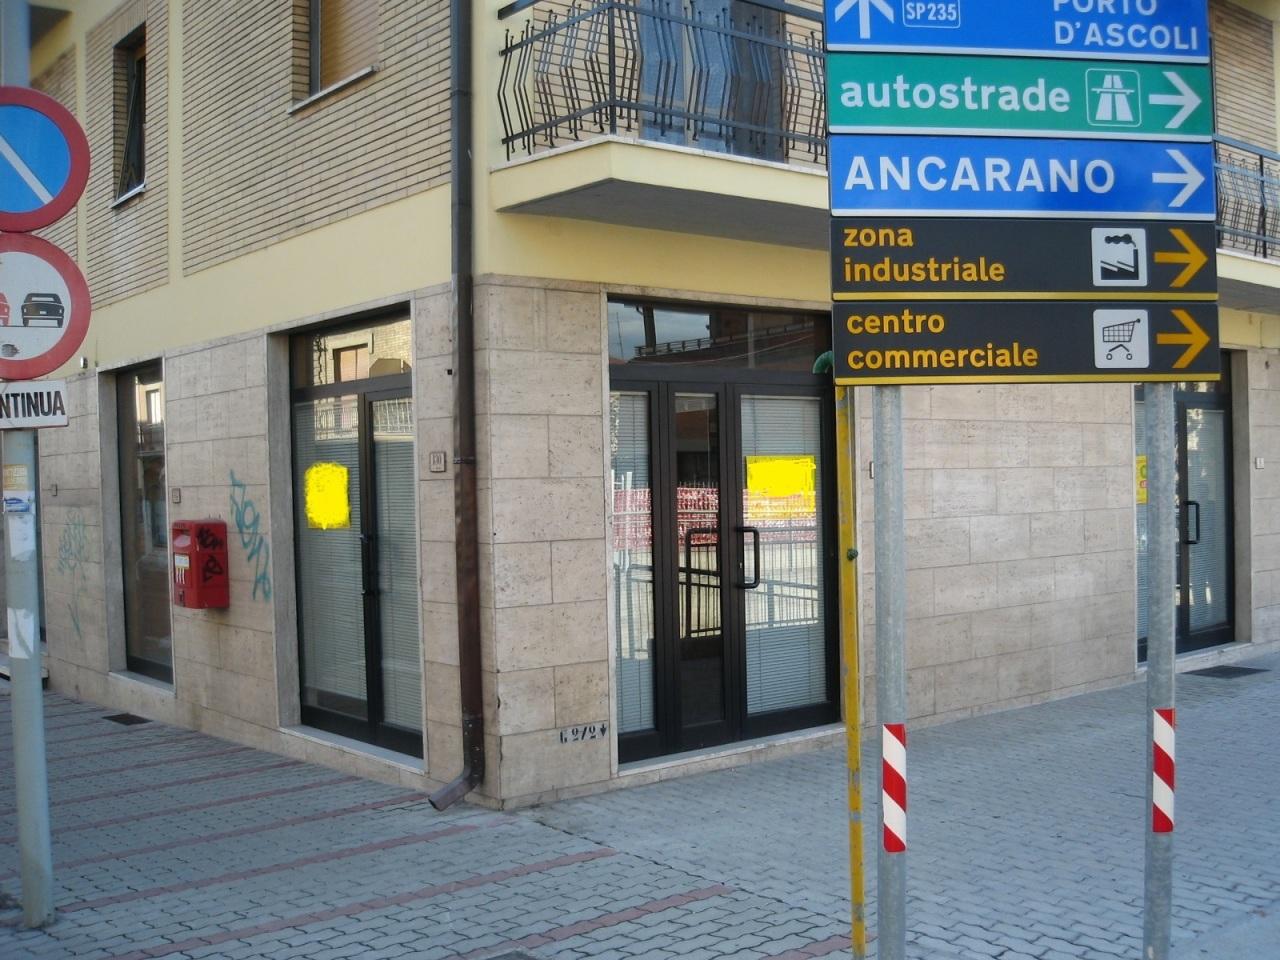 Locale commerciale - 3 Vetrine a Villa Sant'Antonio, Castel di Lama Rif. 6916037